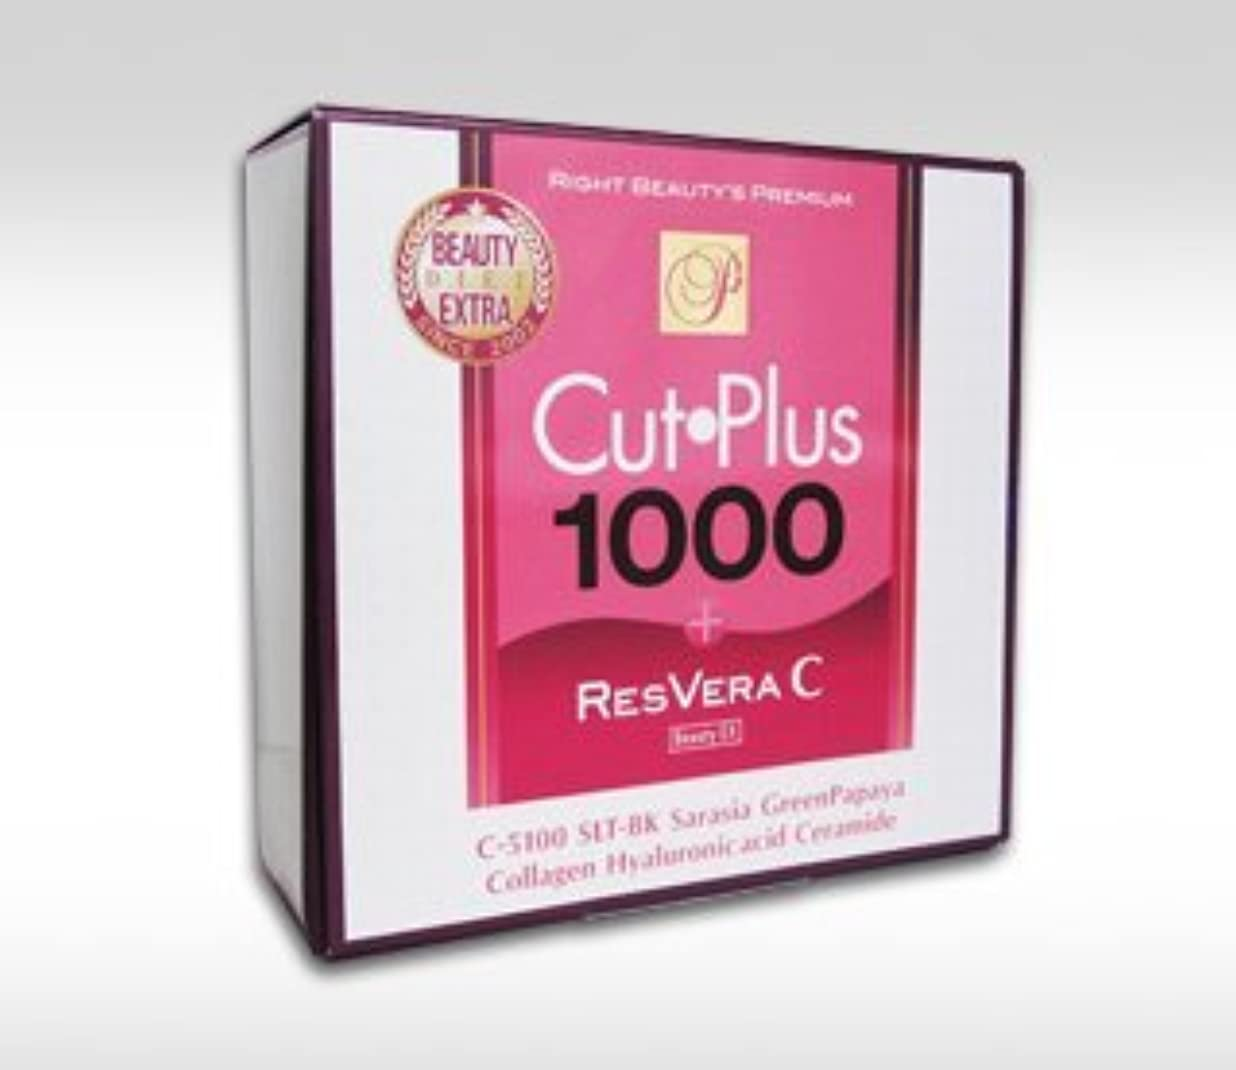 に勝るのみピカソカットプラス1000 RESVERA C レスベラC 3個セット ※チョーナイさわやか善玉美人登場!大人気のカットプラスシリーズに抗酸化成分「レスベラトロール」投入!からだの中からの本当の美ダイエット!